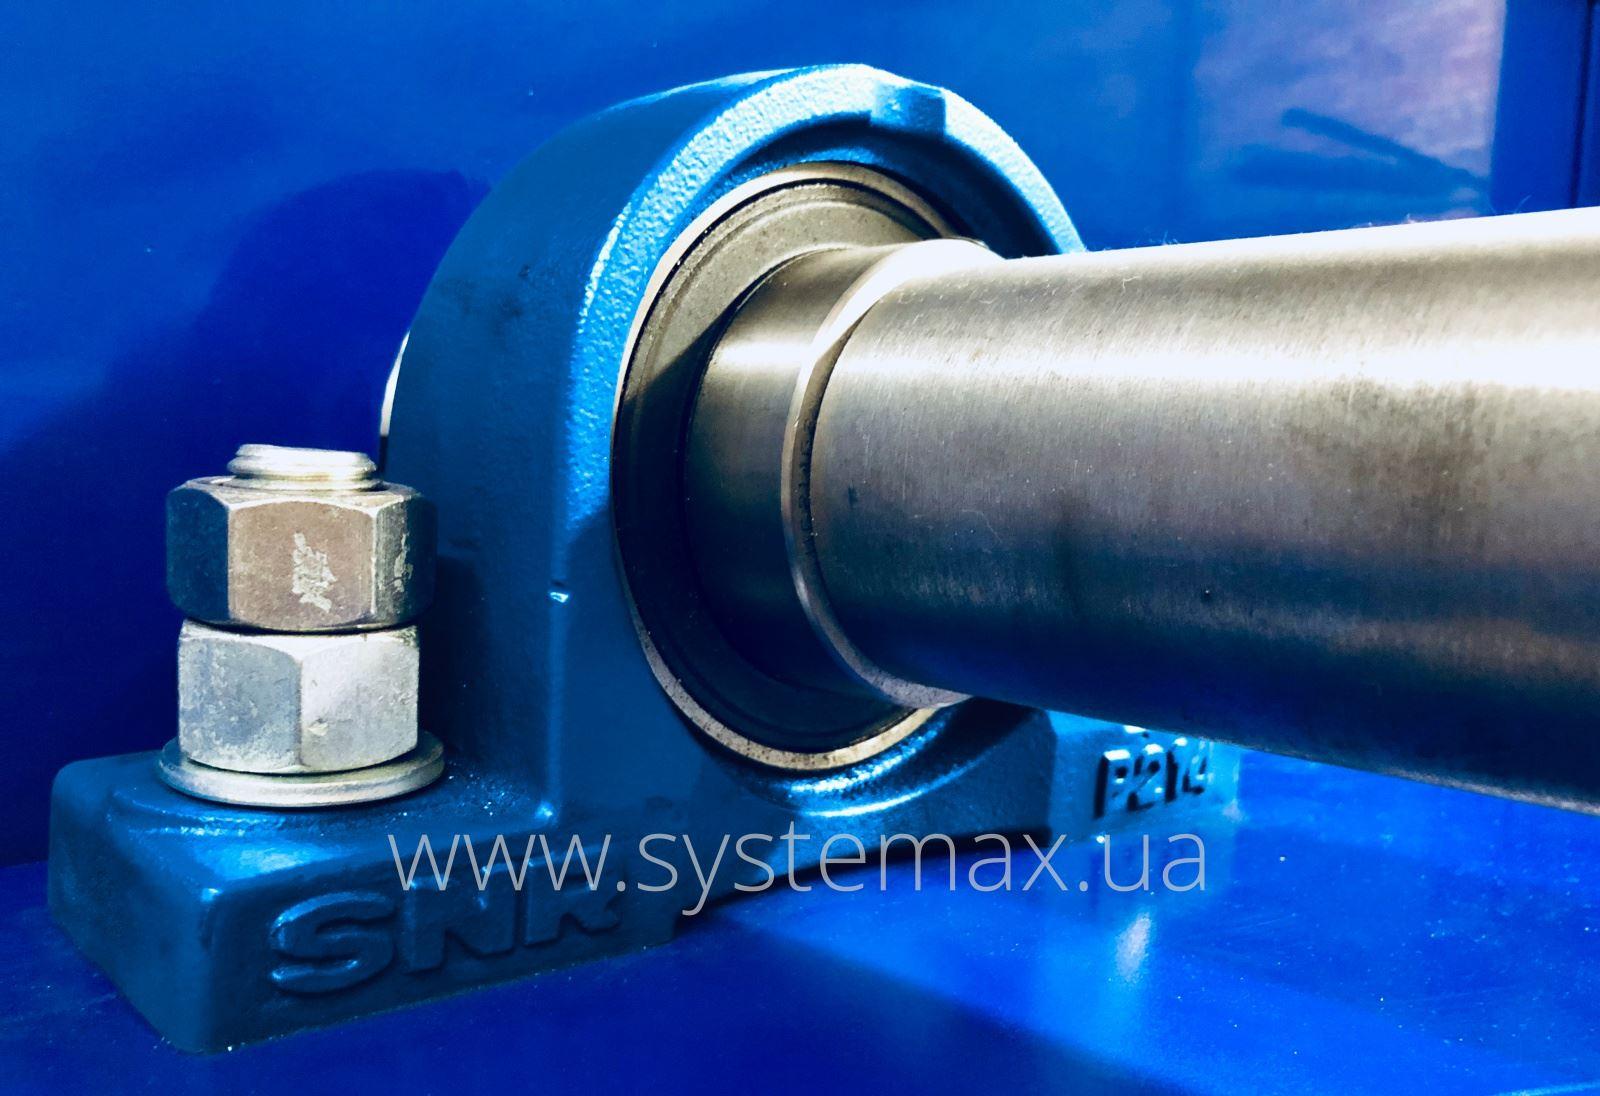 Проміжний вал вентилятора ВЦ 14-46-5 (схема 5) на підшипникових вузлах SNR